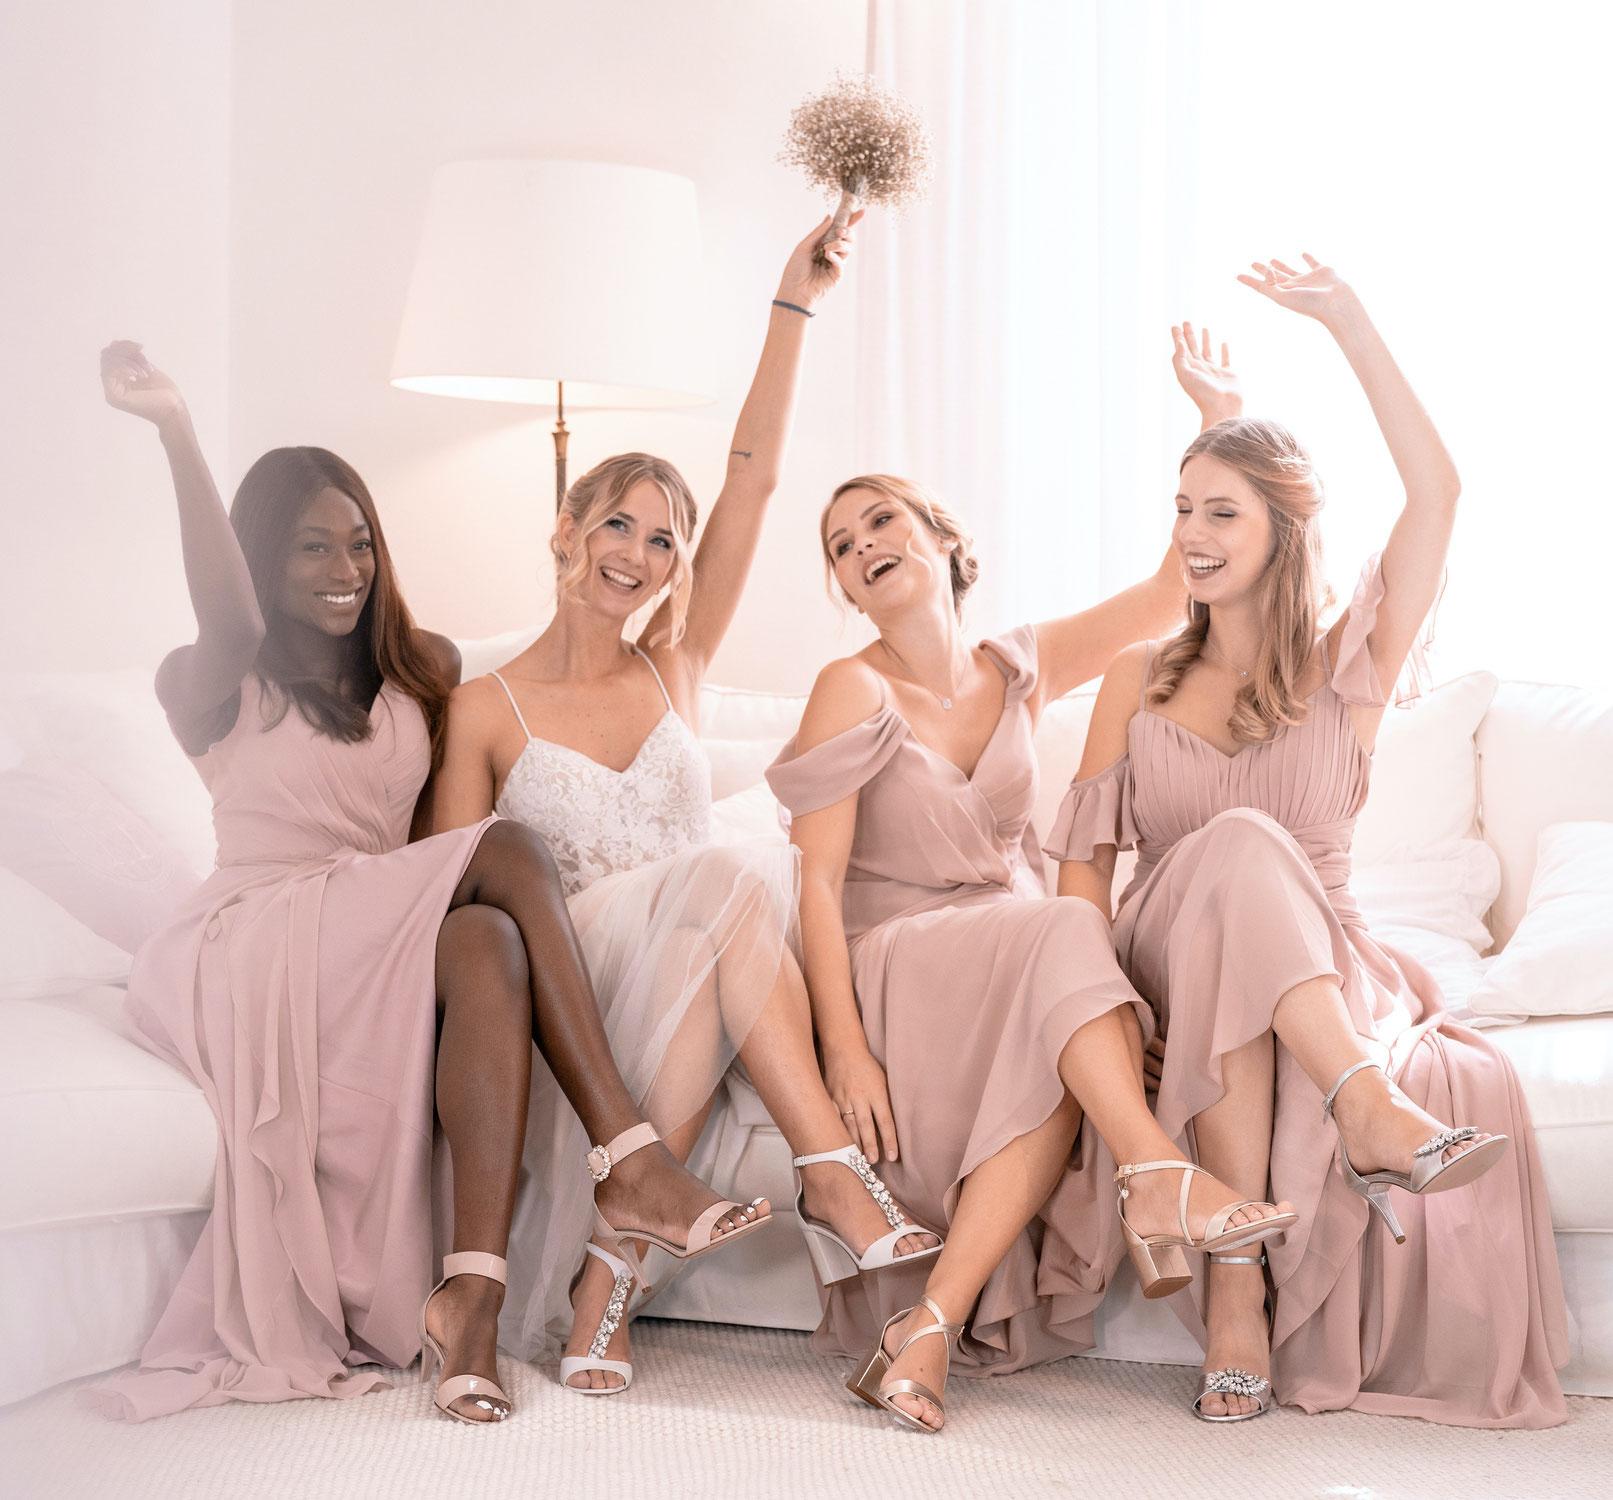 Personalisierbare Brautschuhe – Ganz besondere Schuhe für Deinen großen Tag